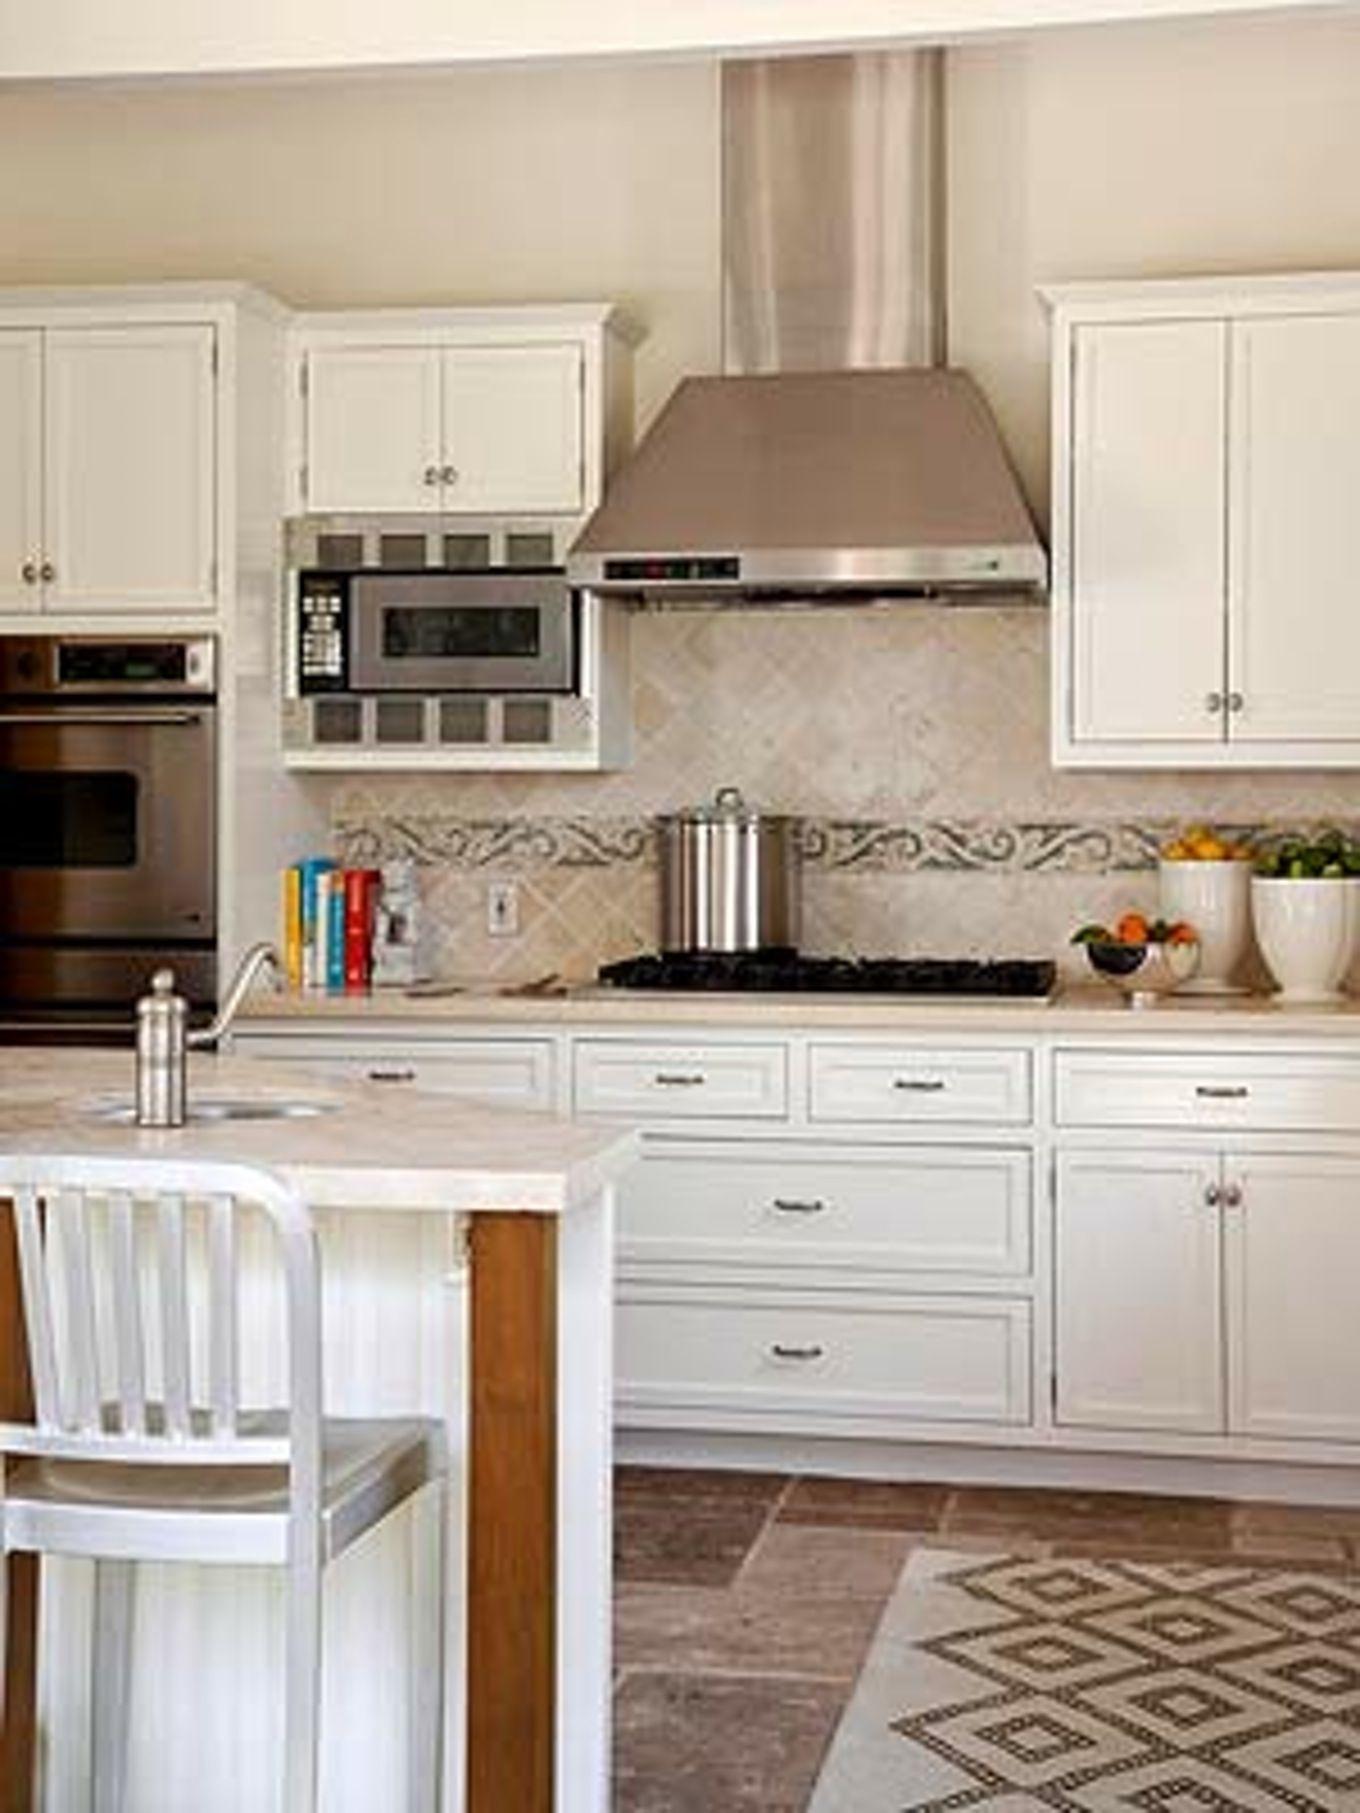 Best 20 Kitchen Cabinet Design Ideas to